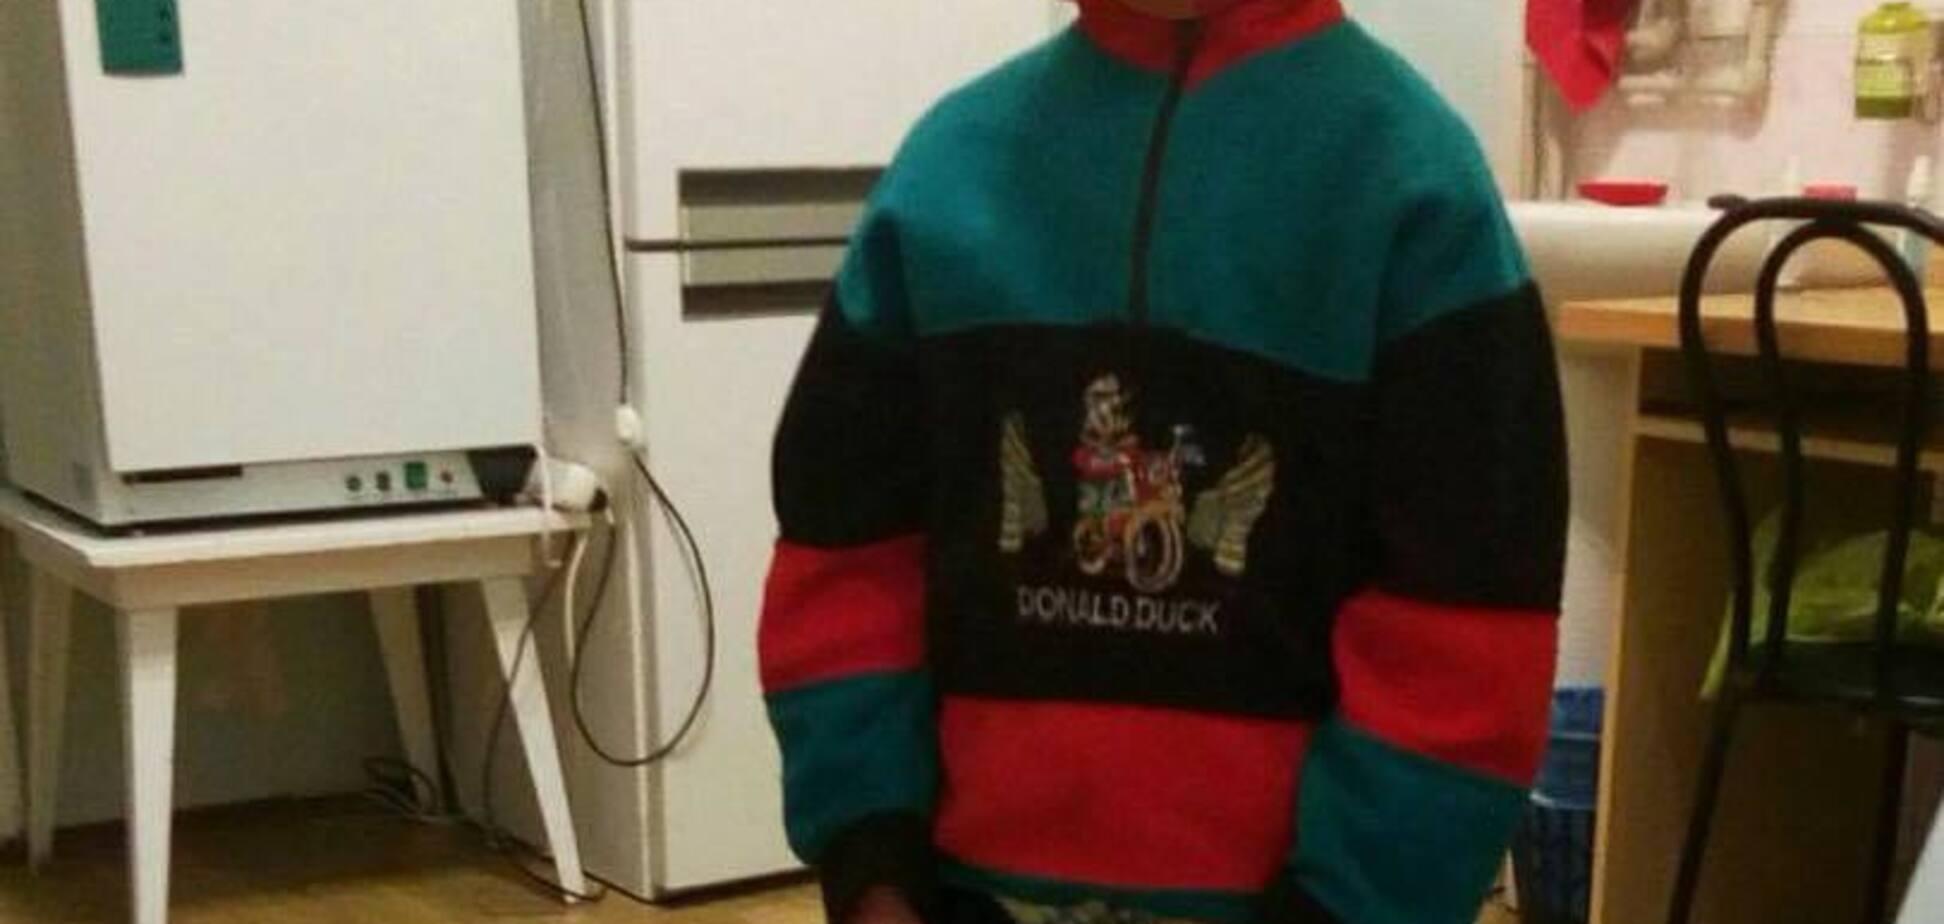 Мати побила шлангом і вигнала в ніч: у Краматорську знайшли замерзлого 6-річного хлопчика